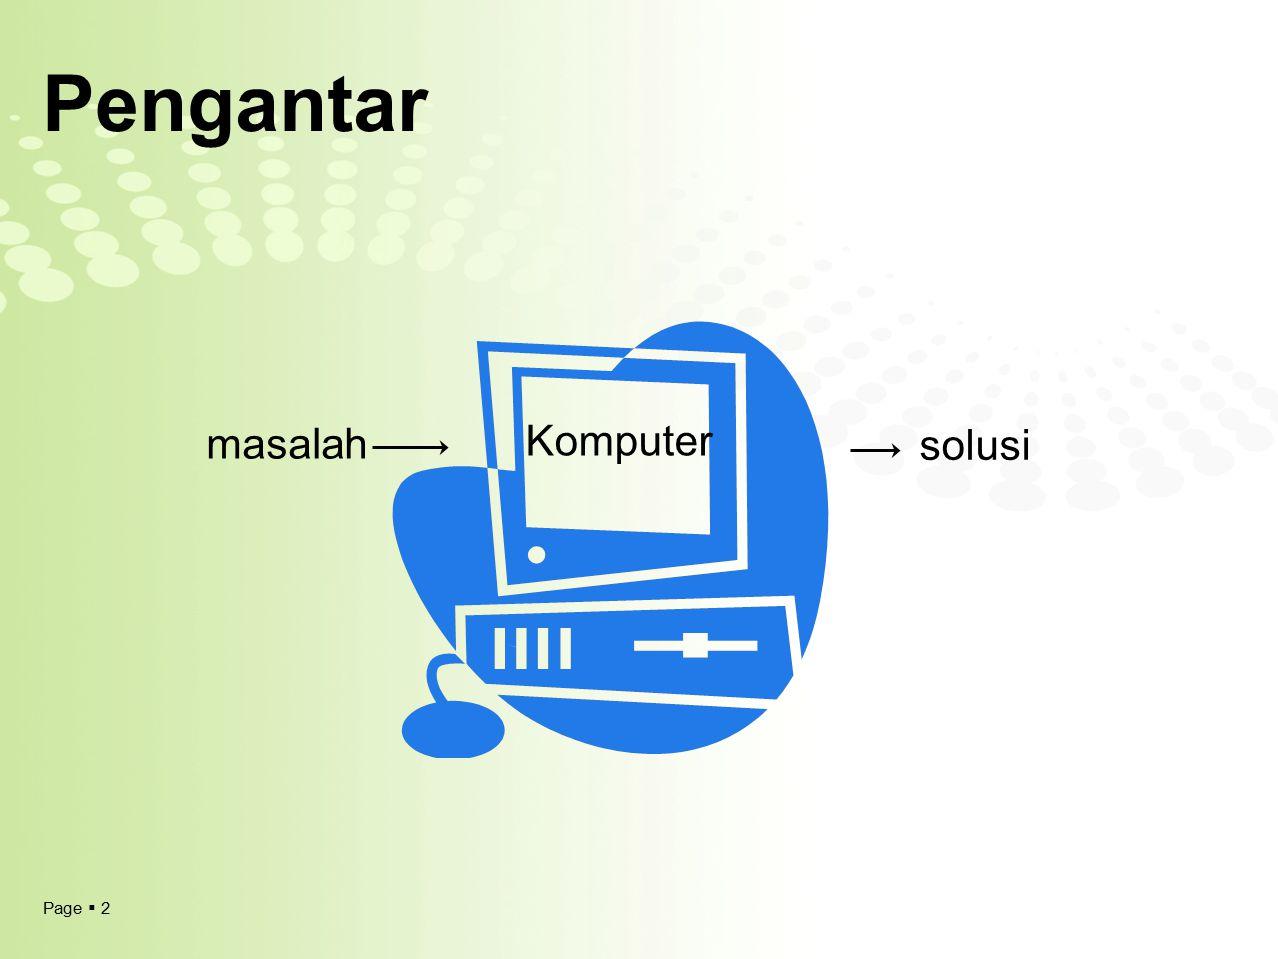 Pengantar masalah Komputer solusi